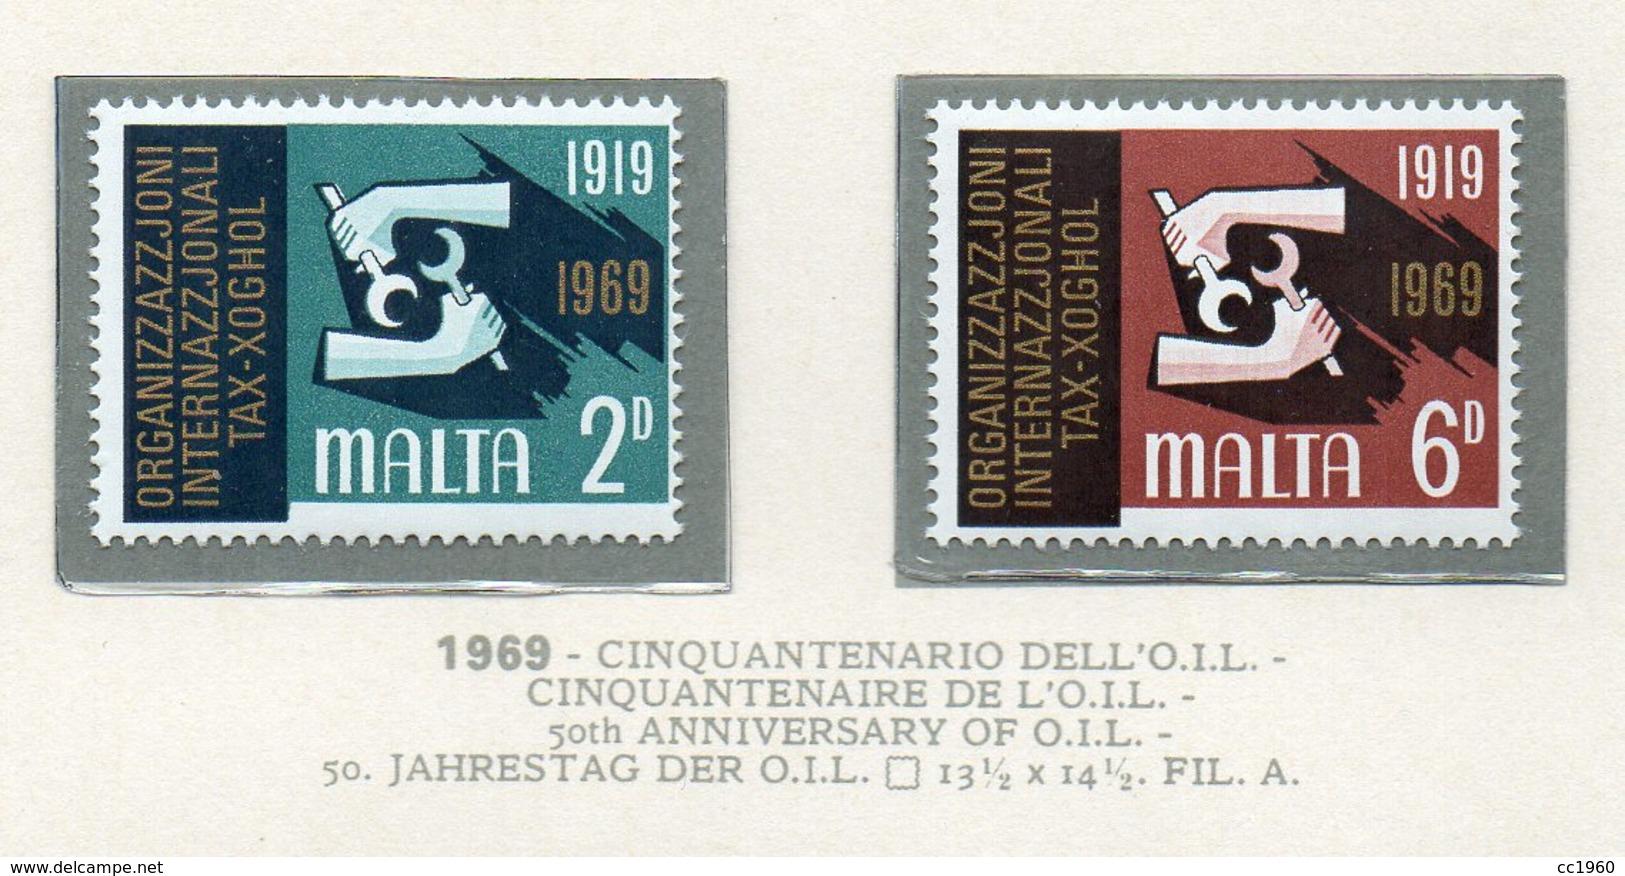 Malta - 1969 - Cinquantenario Dell' O.I.L. - 2 Valori - Nuovi - Vedi Foto - (FDC14021) - Malta